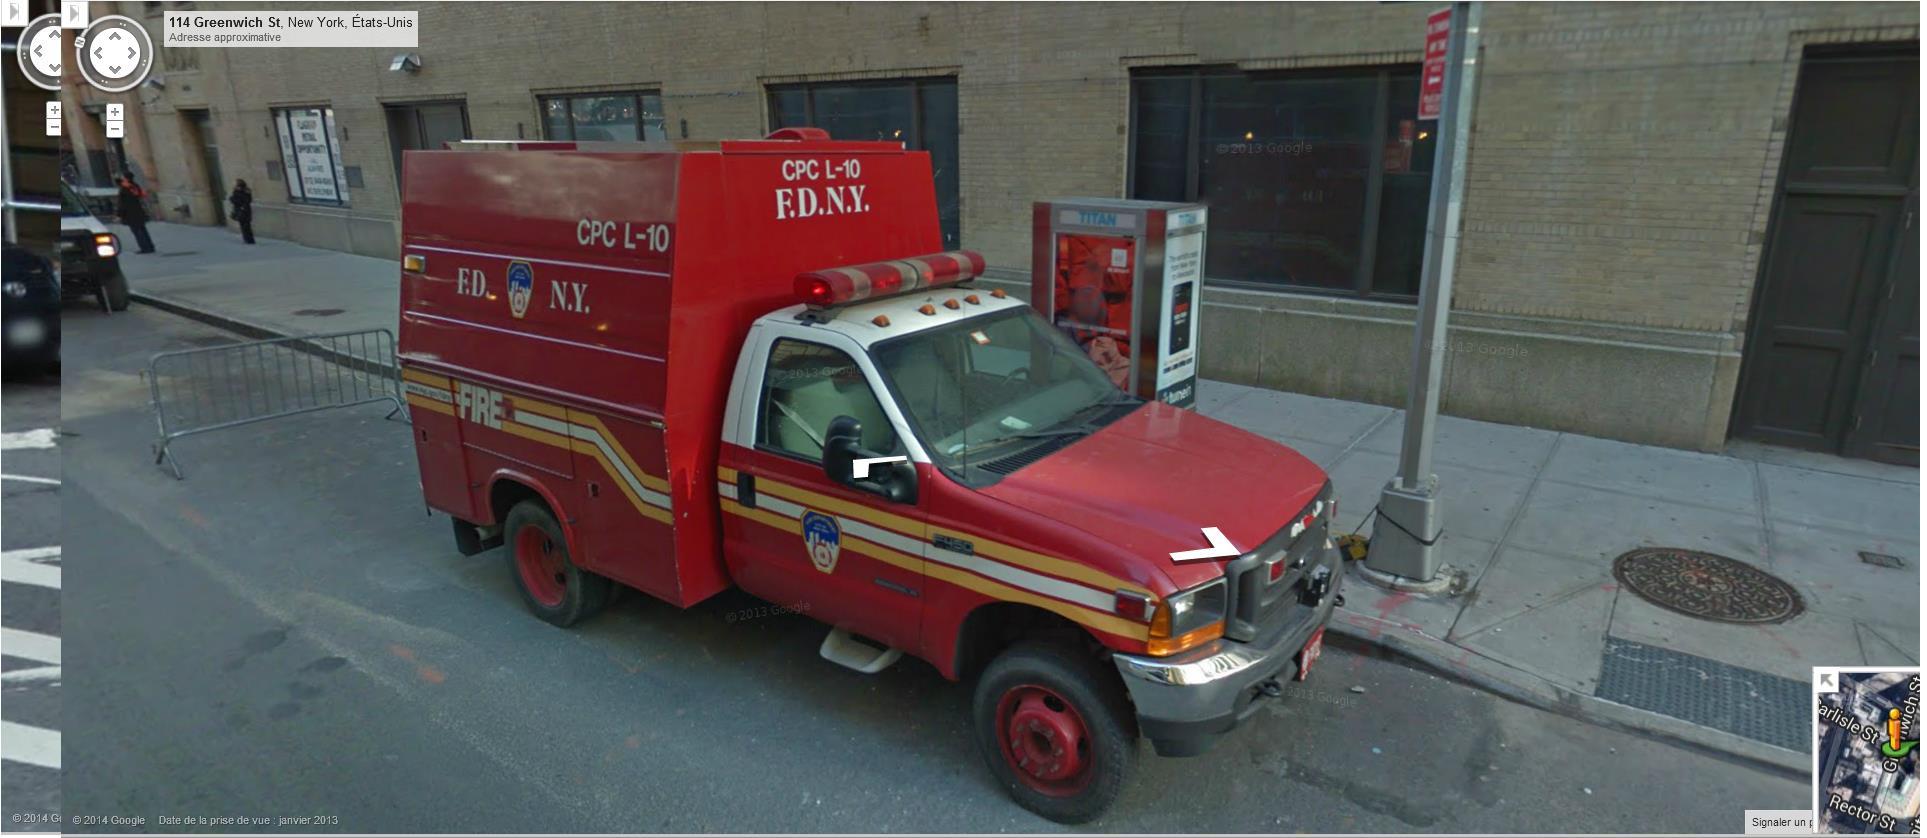 STREET VIEW : les camions de pompiers  - Page 6 187829pompiers1FDNY